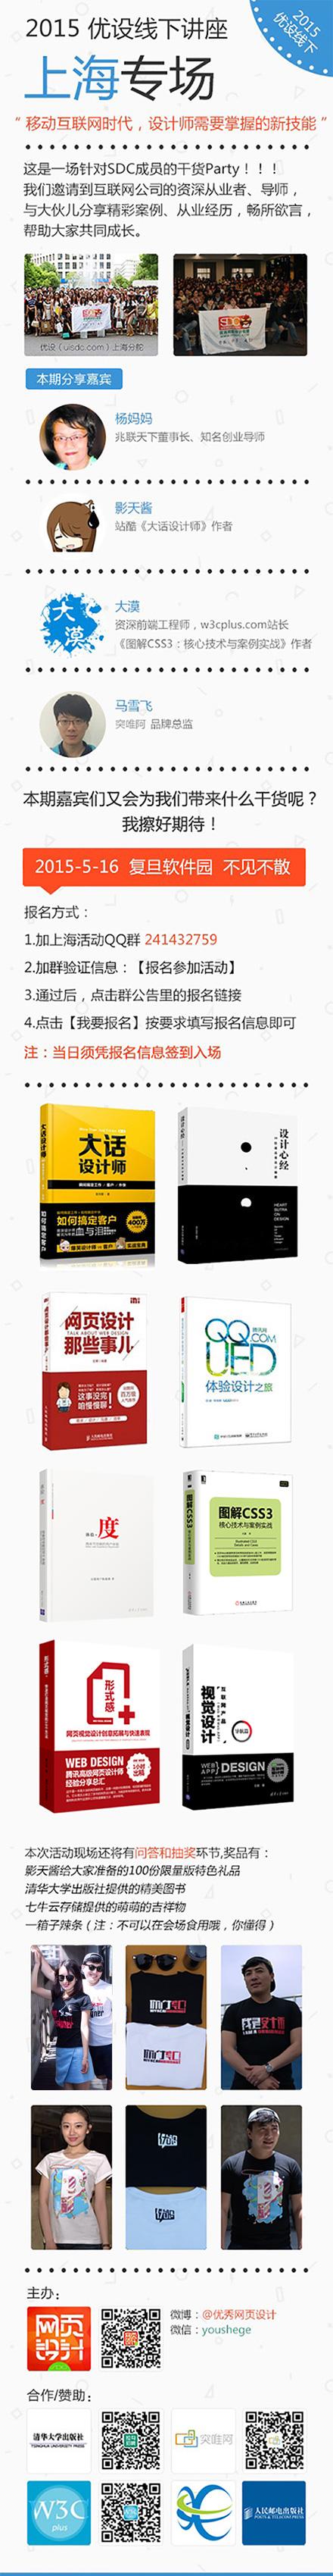 2015-shanghai-sdc-share